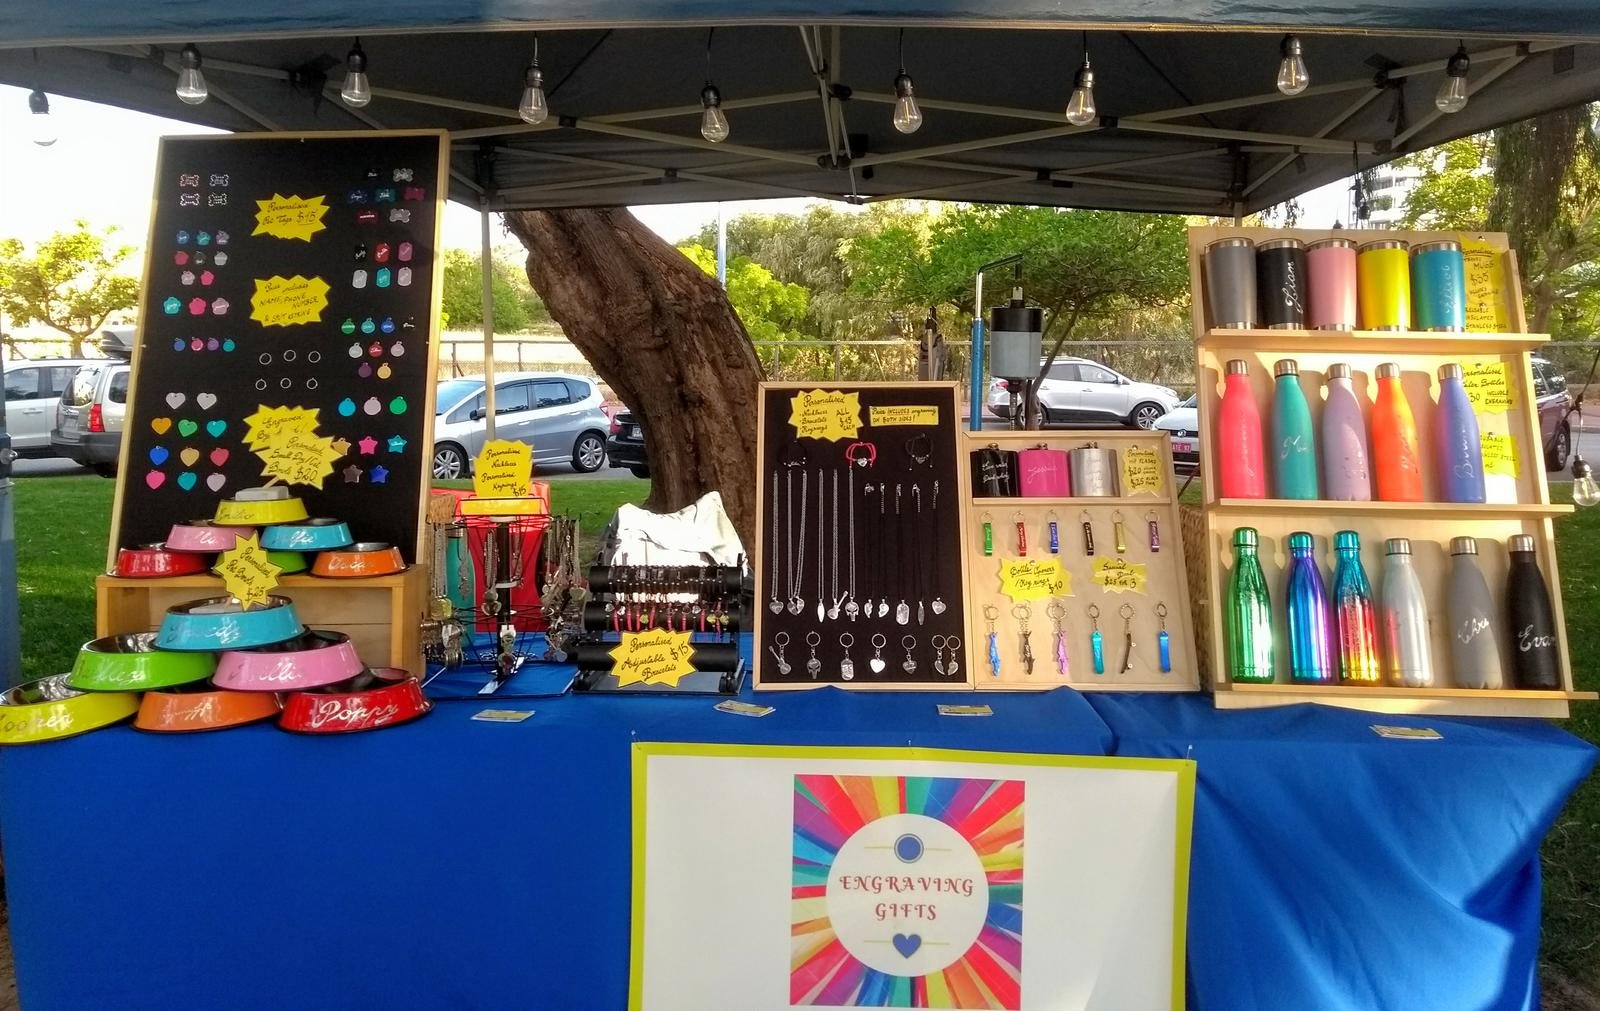 Outdoor market set-up